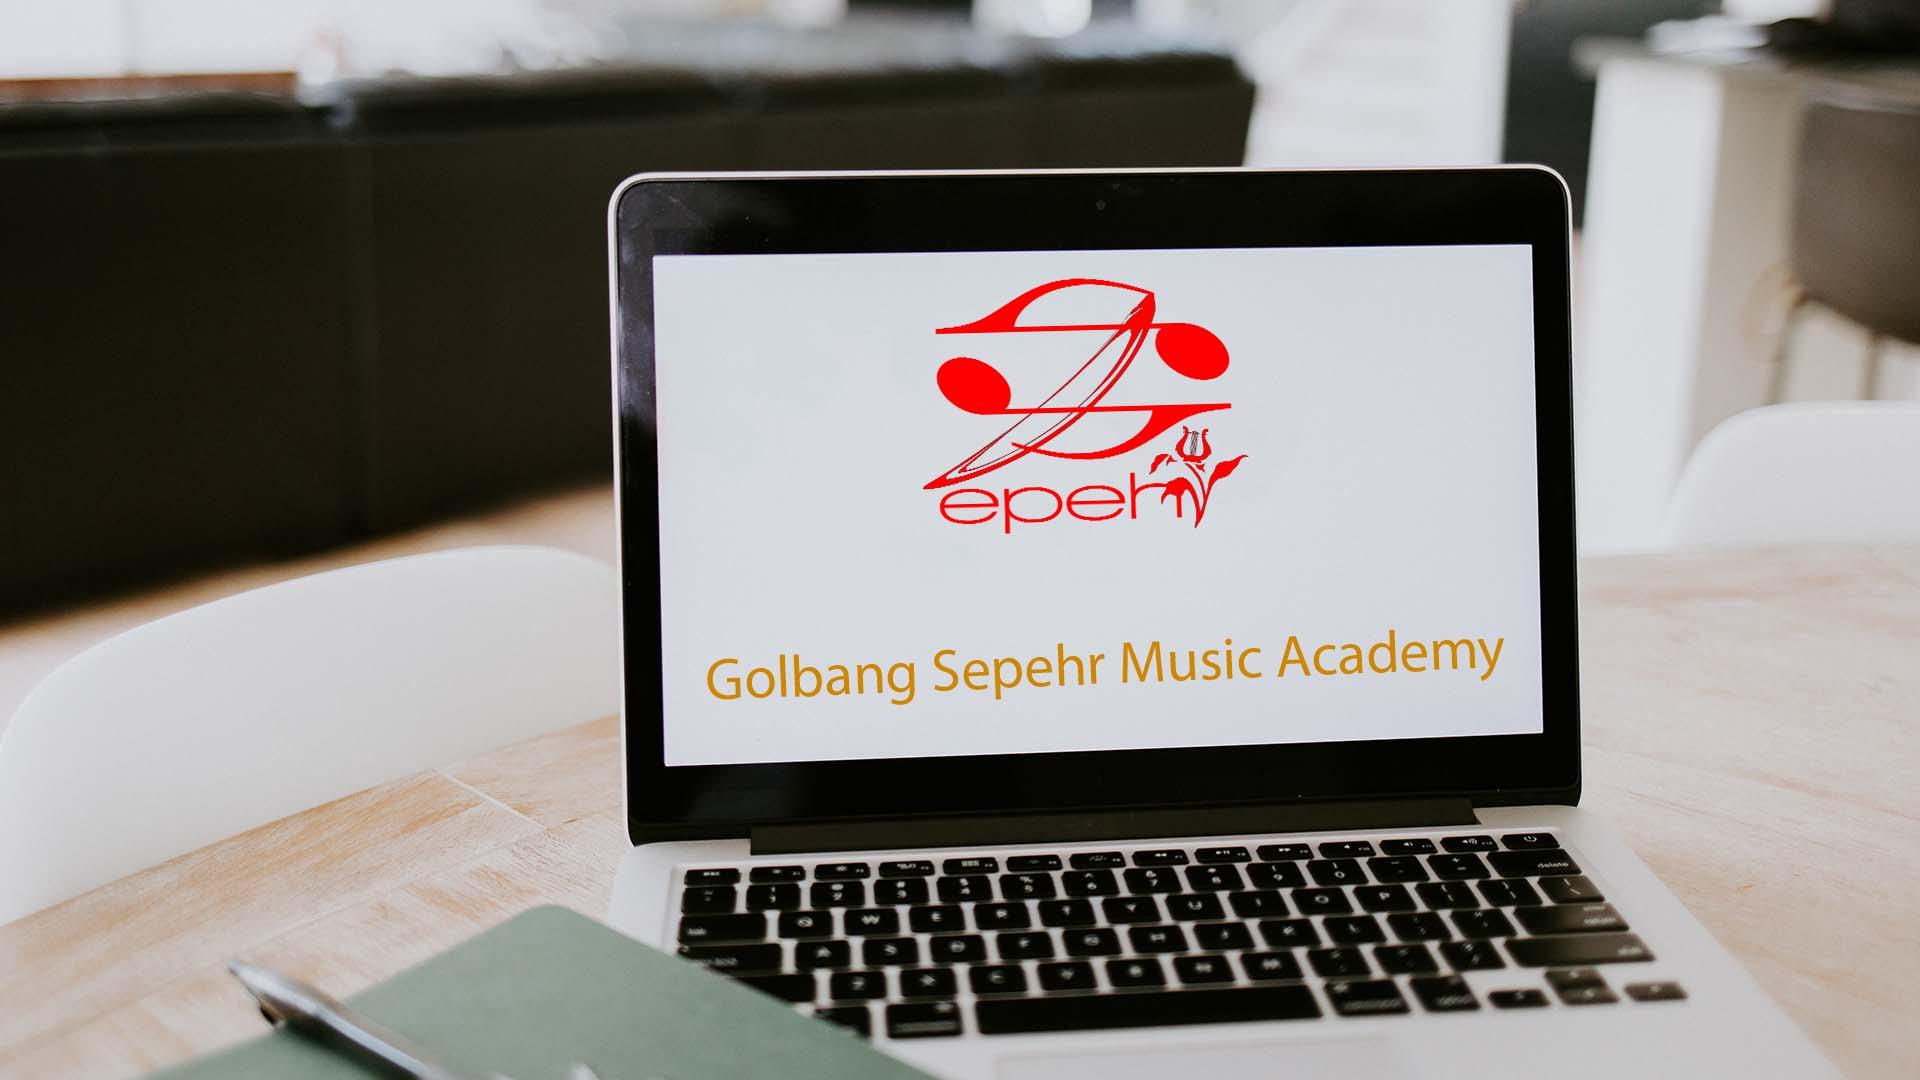 برگزاری کلاس های آنلاین موسیقی